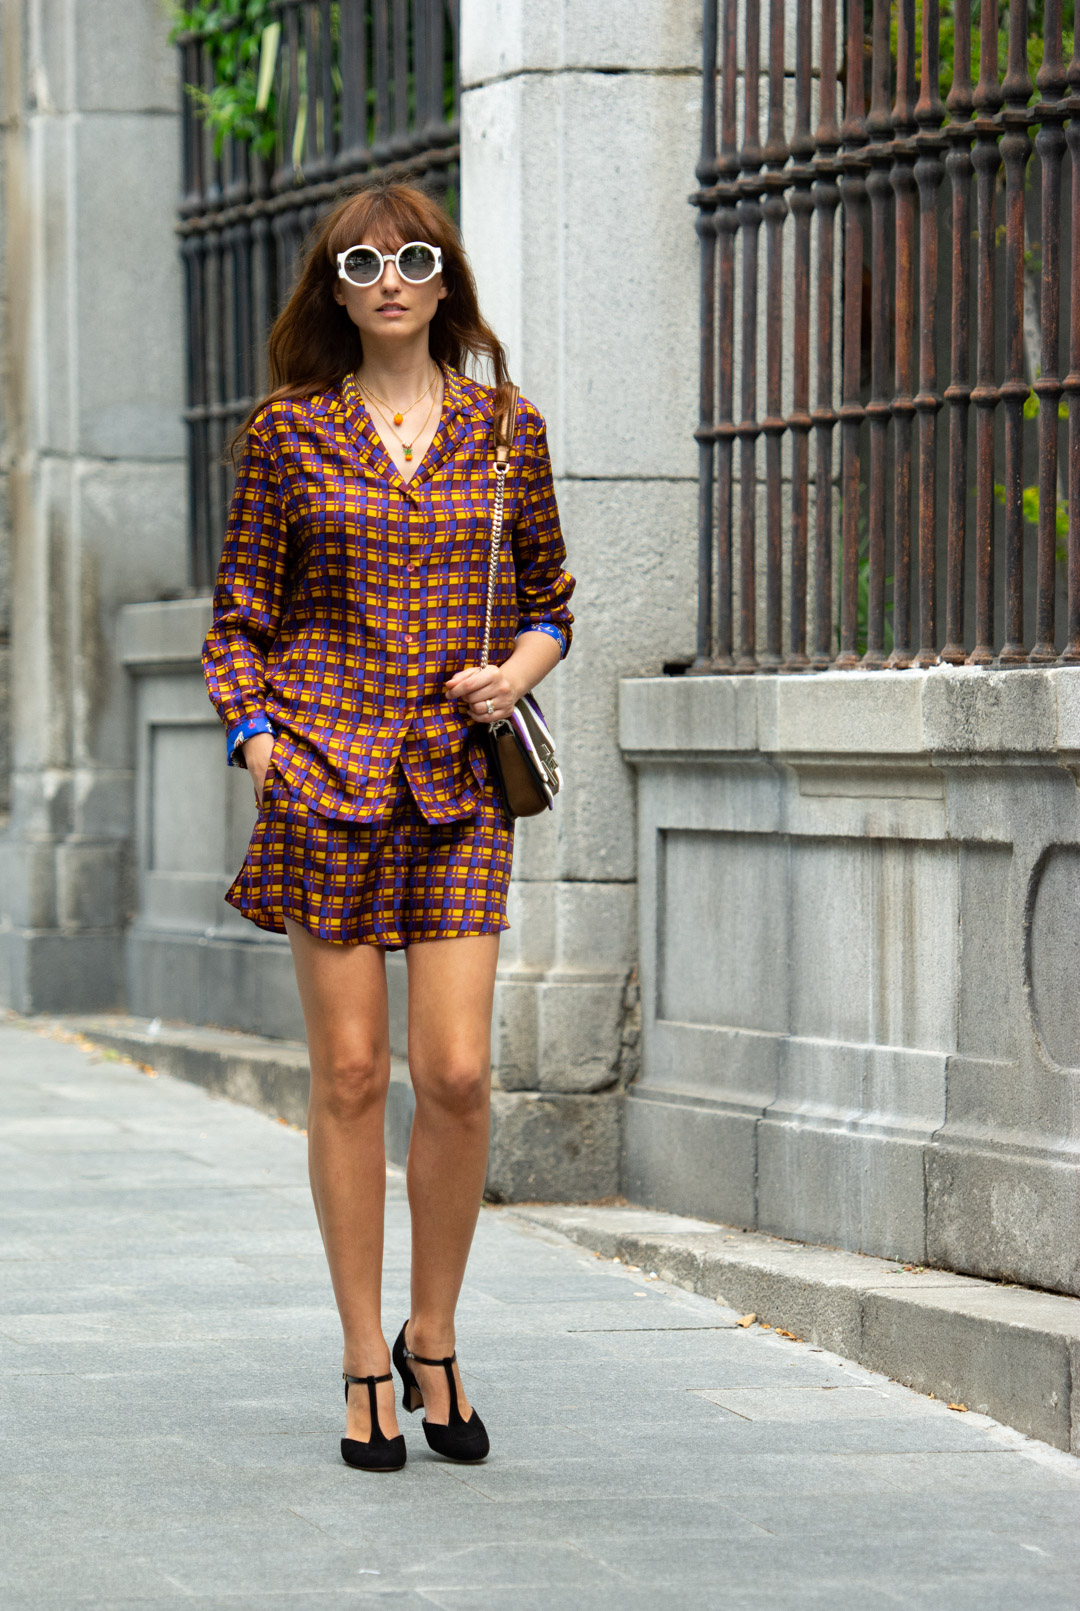 pijama-street-style-mayte-de-la-iglesia-web-15